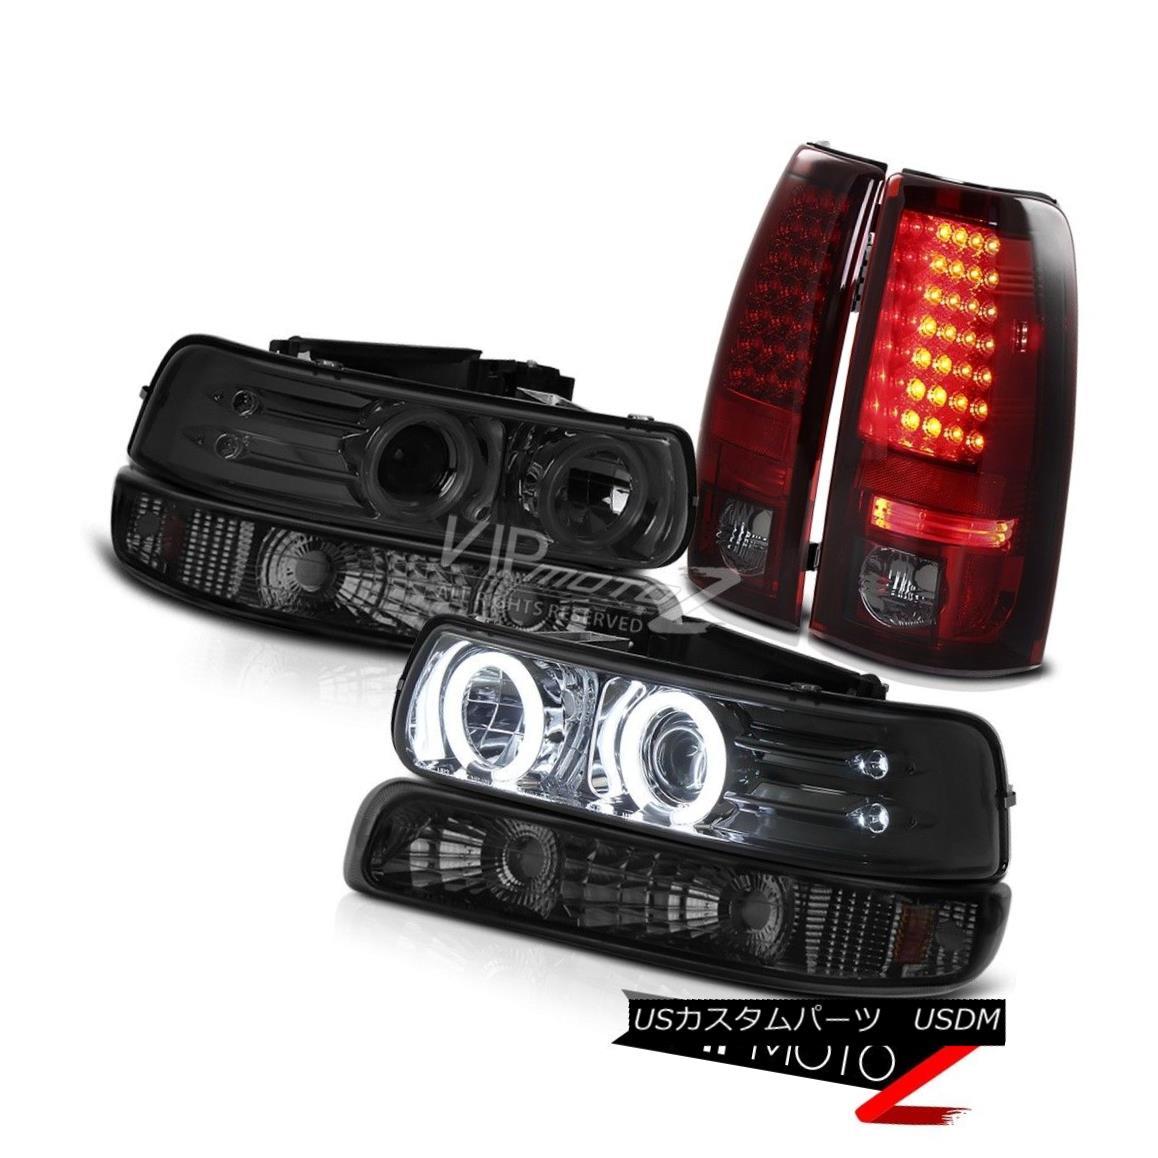 ヘッドライト 1999-2002 Chevrolet Silverado CCFL Halo Headlight Lamp Dark Red LED Tail Lights 1999-2002シボレーシルバラードCCFLハローヘッドライトランプダークレッド